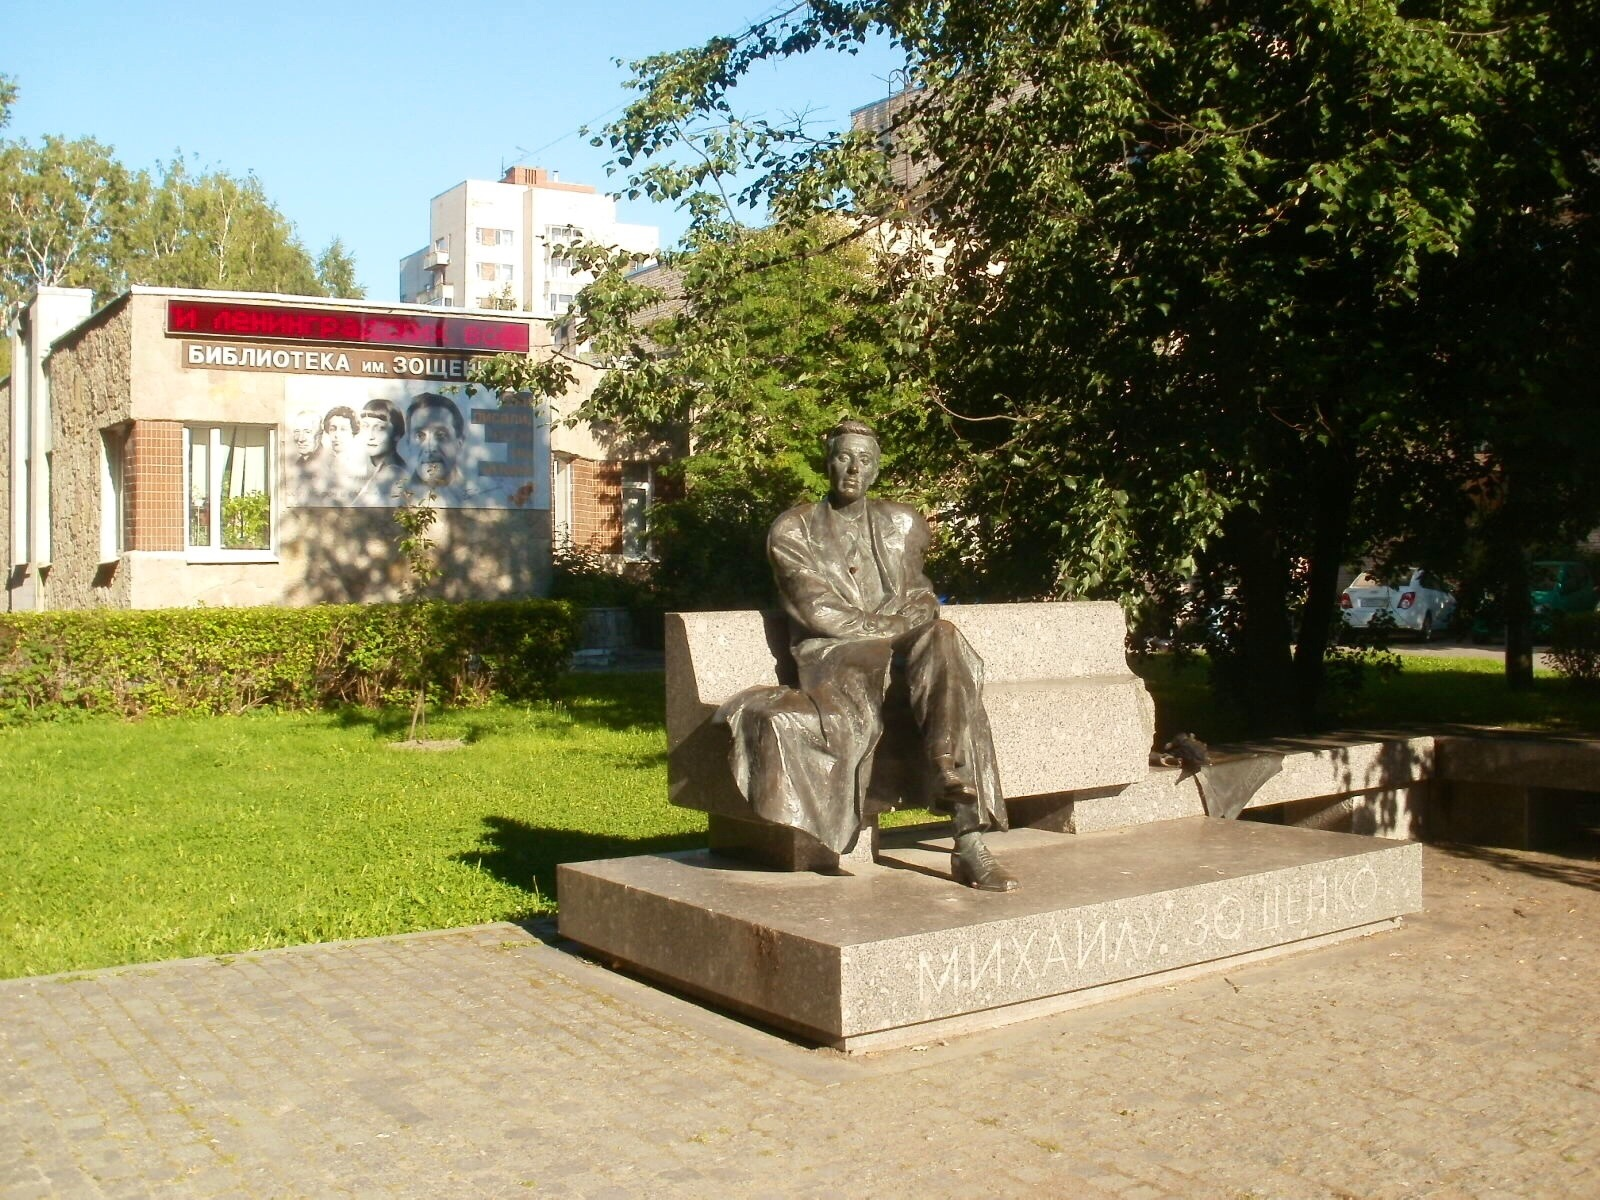 Музей Зощенко (Сестрорецк)